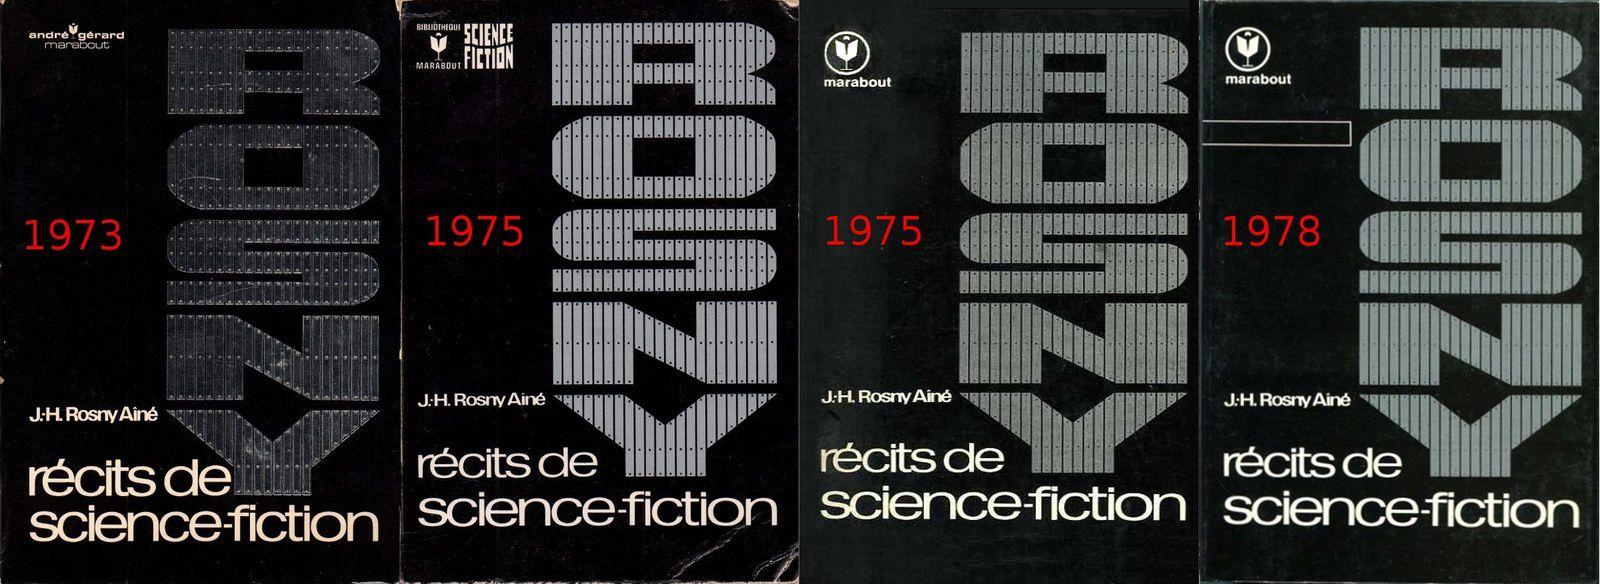 """RECHERCHE INFOS sur """"Récits de science-fiction"""" de J.-H. Rosny aîné"""